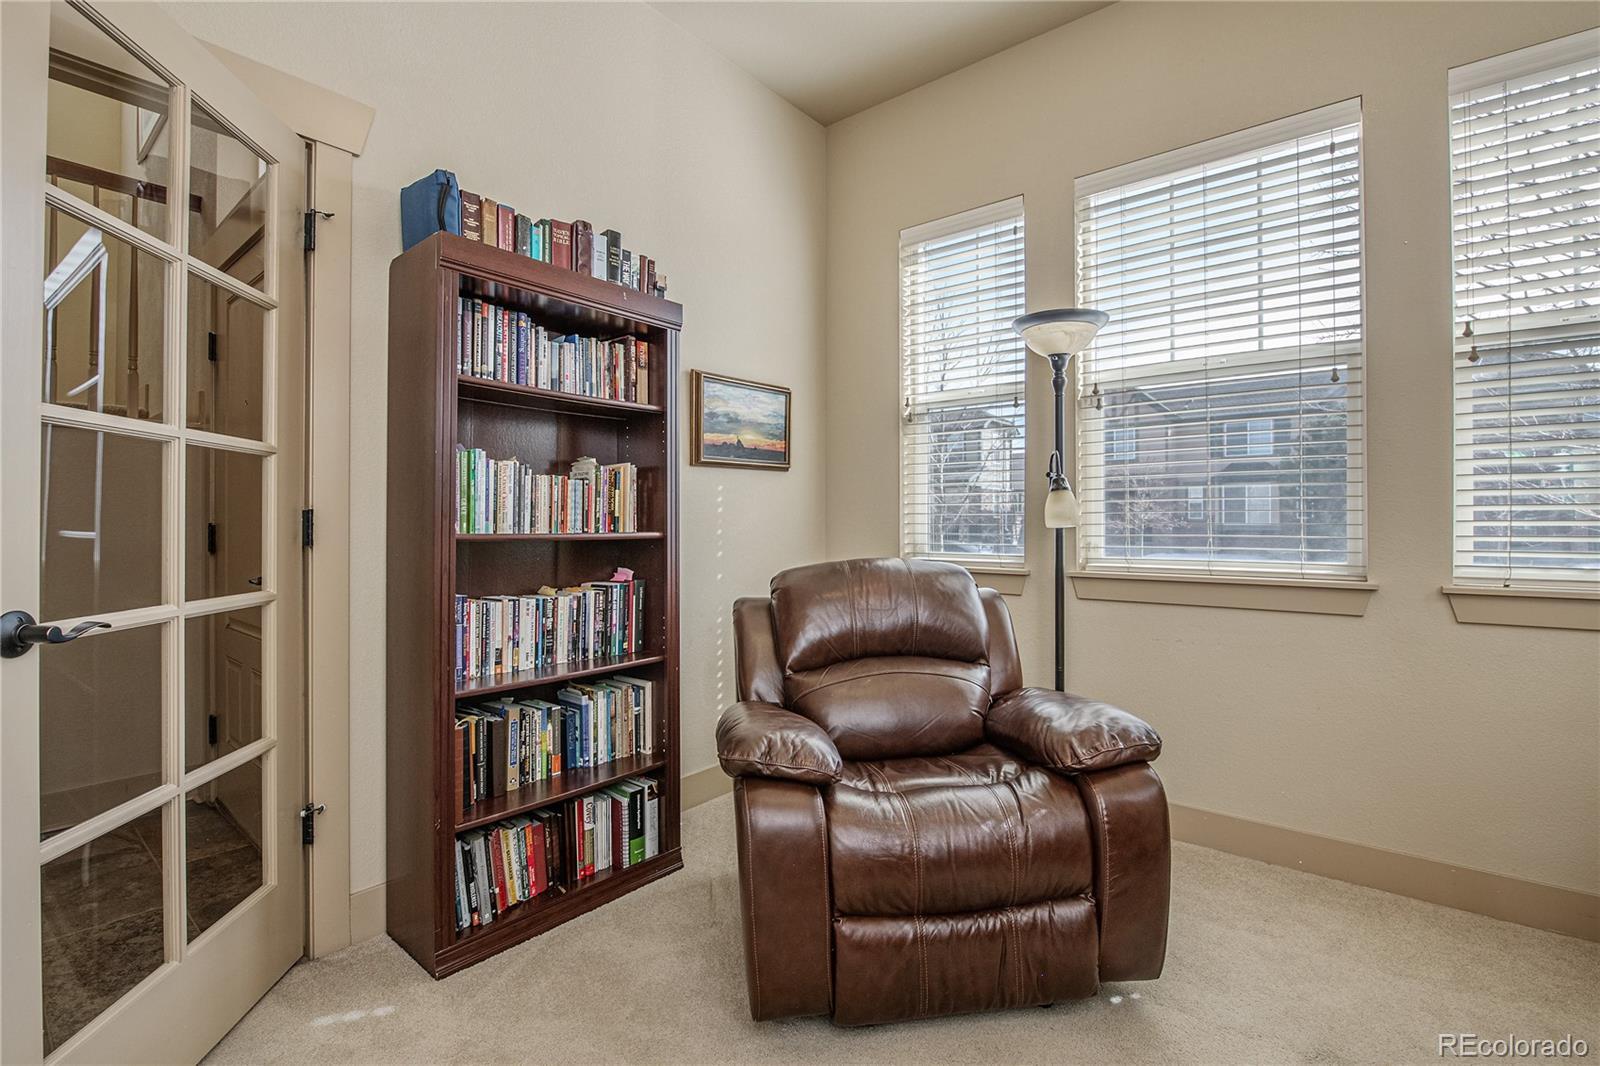 MLS# 1692451 - 11 - 9635 E 3rd Avenue, Denver, CO 80230